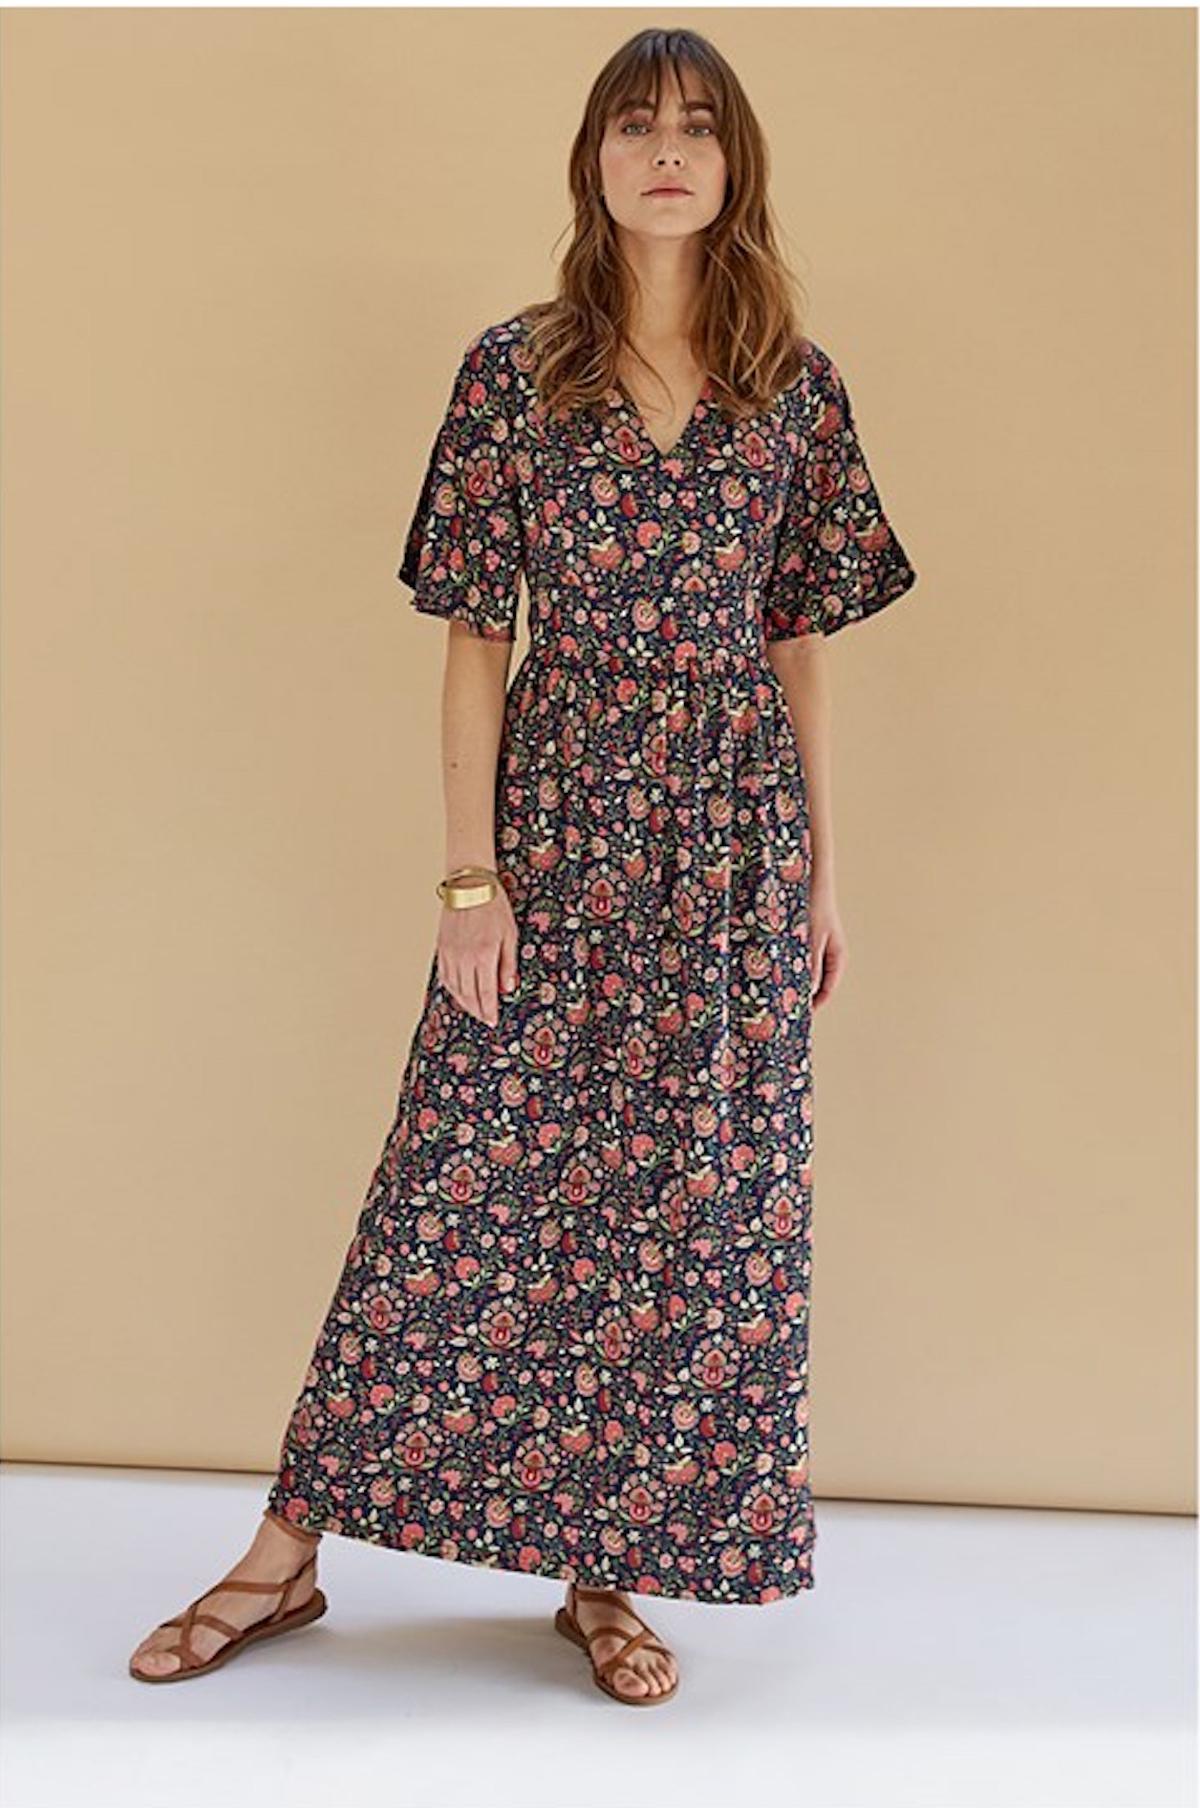 Trajnostna moda pomladne obleke eko beautyfullblog people tree